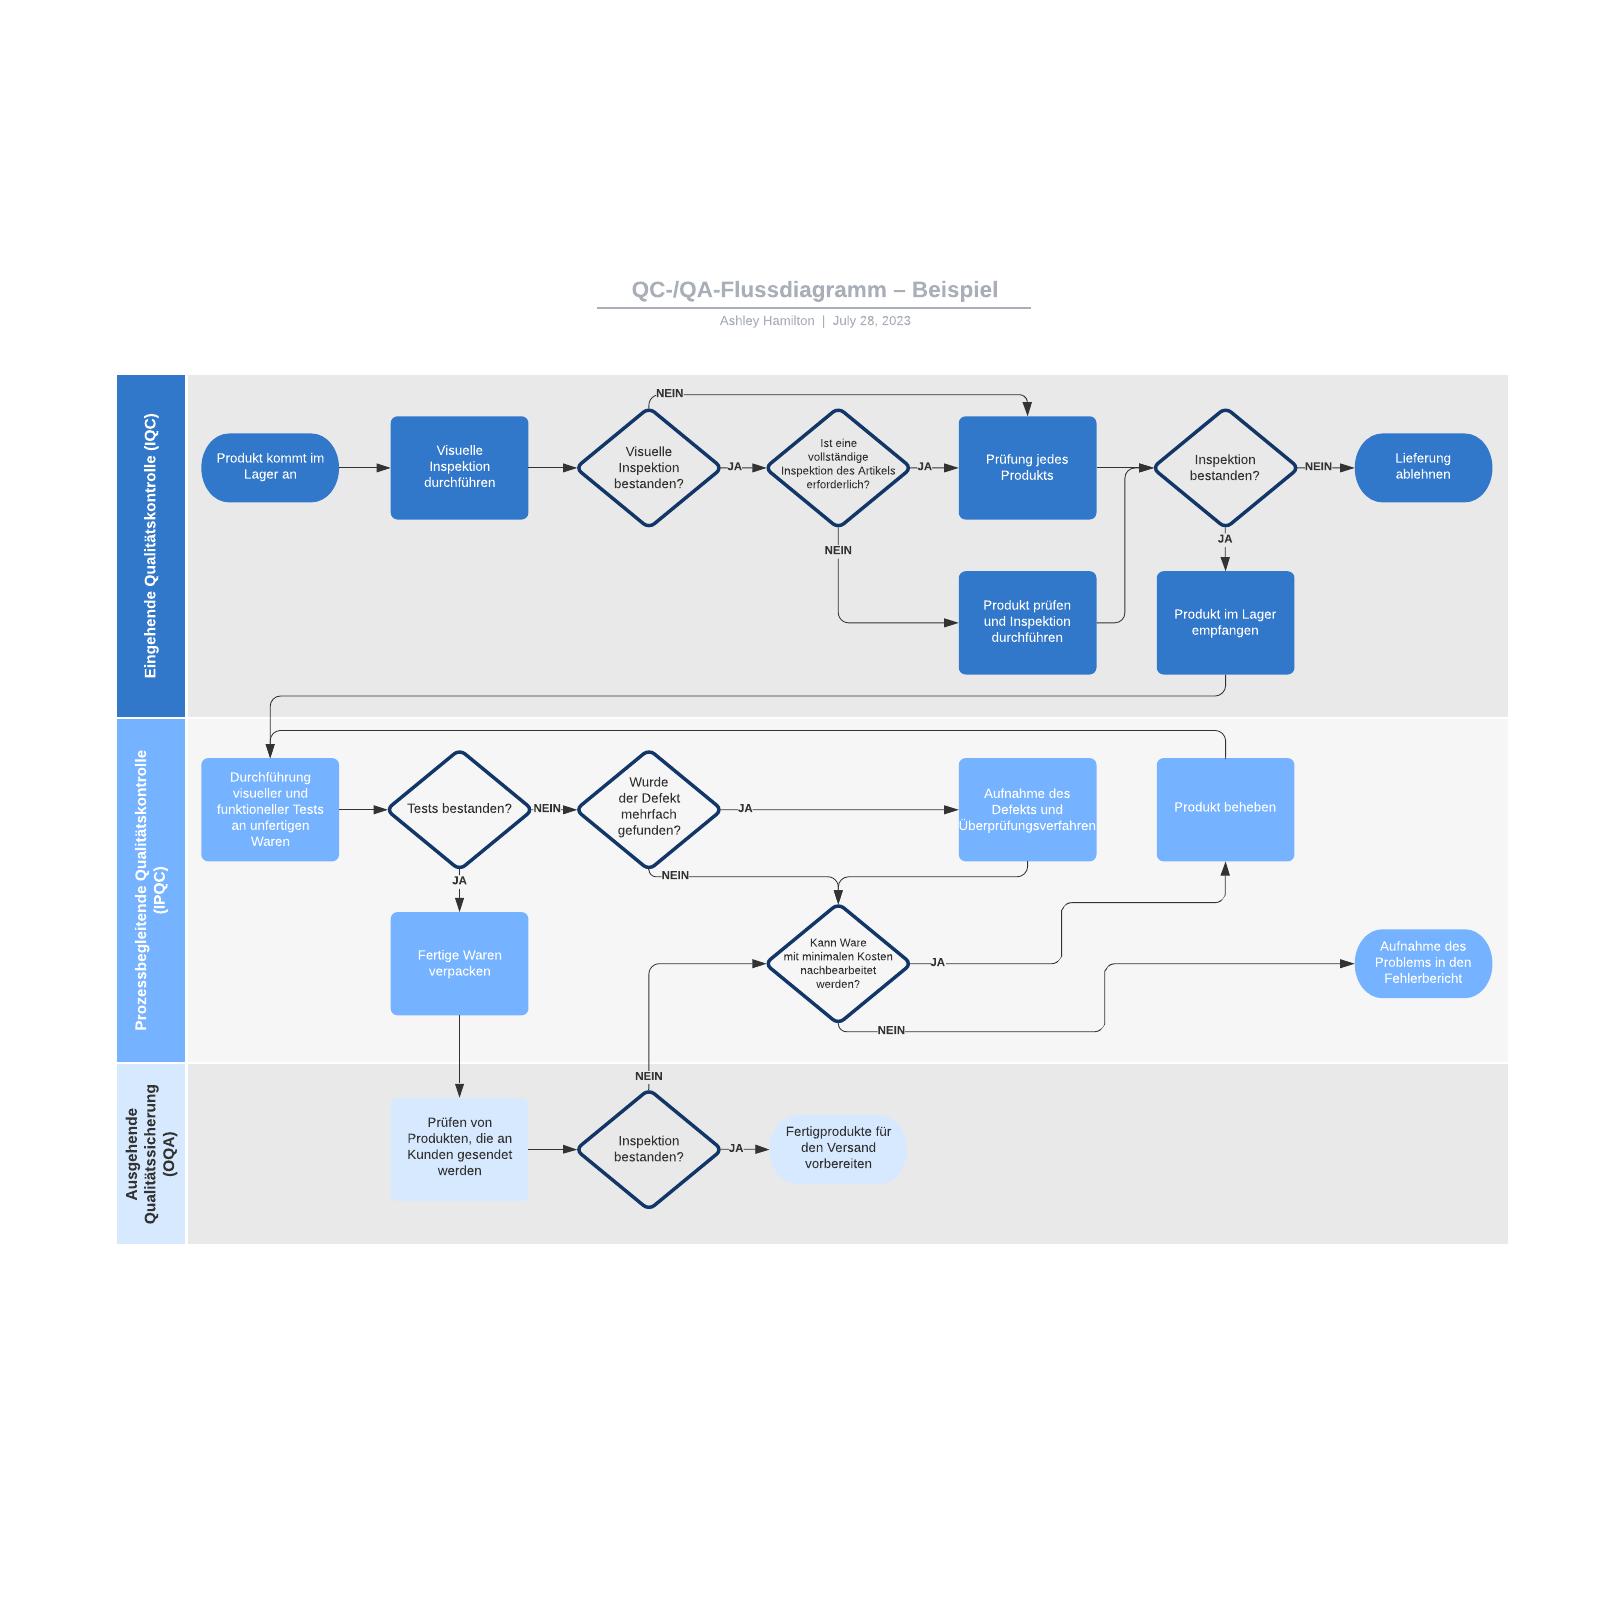 QC-/QA-Flussdiagramm– Beispiel